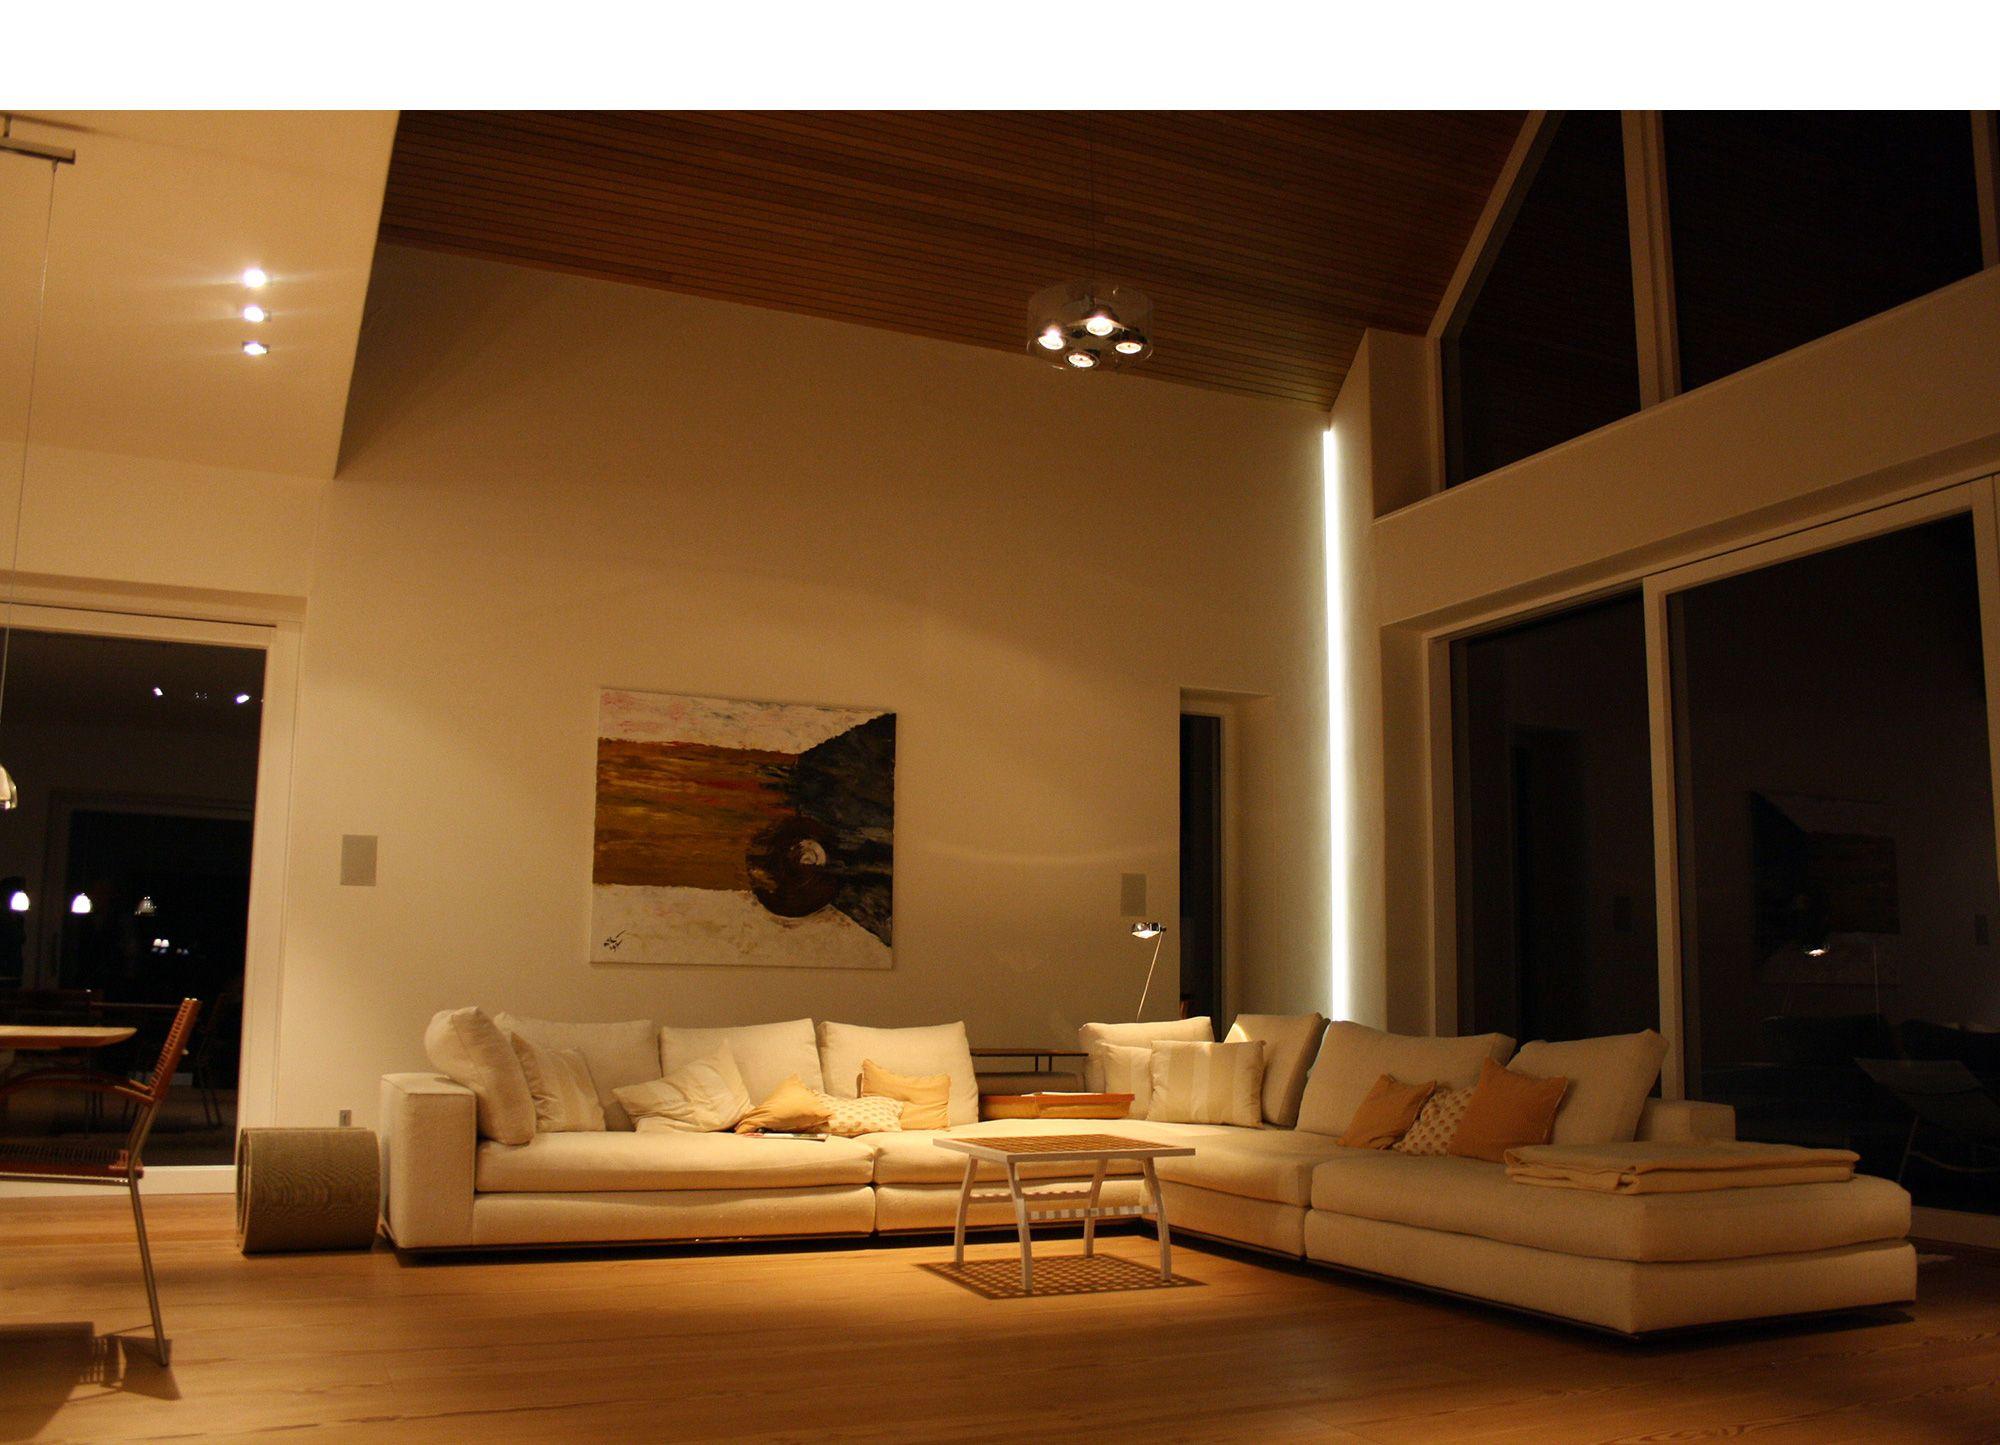 Licht K1 Lichtstudio Planung Realisierung Munchen Haar Projekte Privat Haus Wohnzimmer Projekte